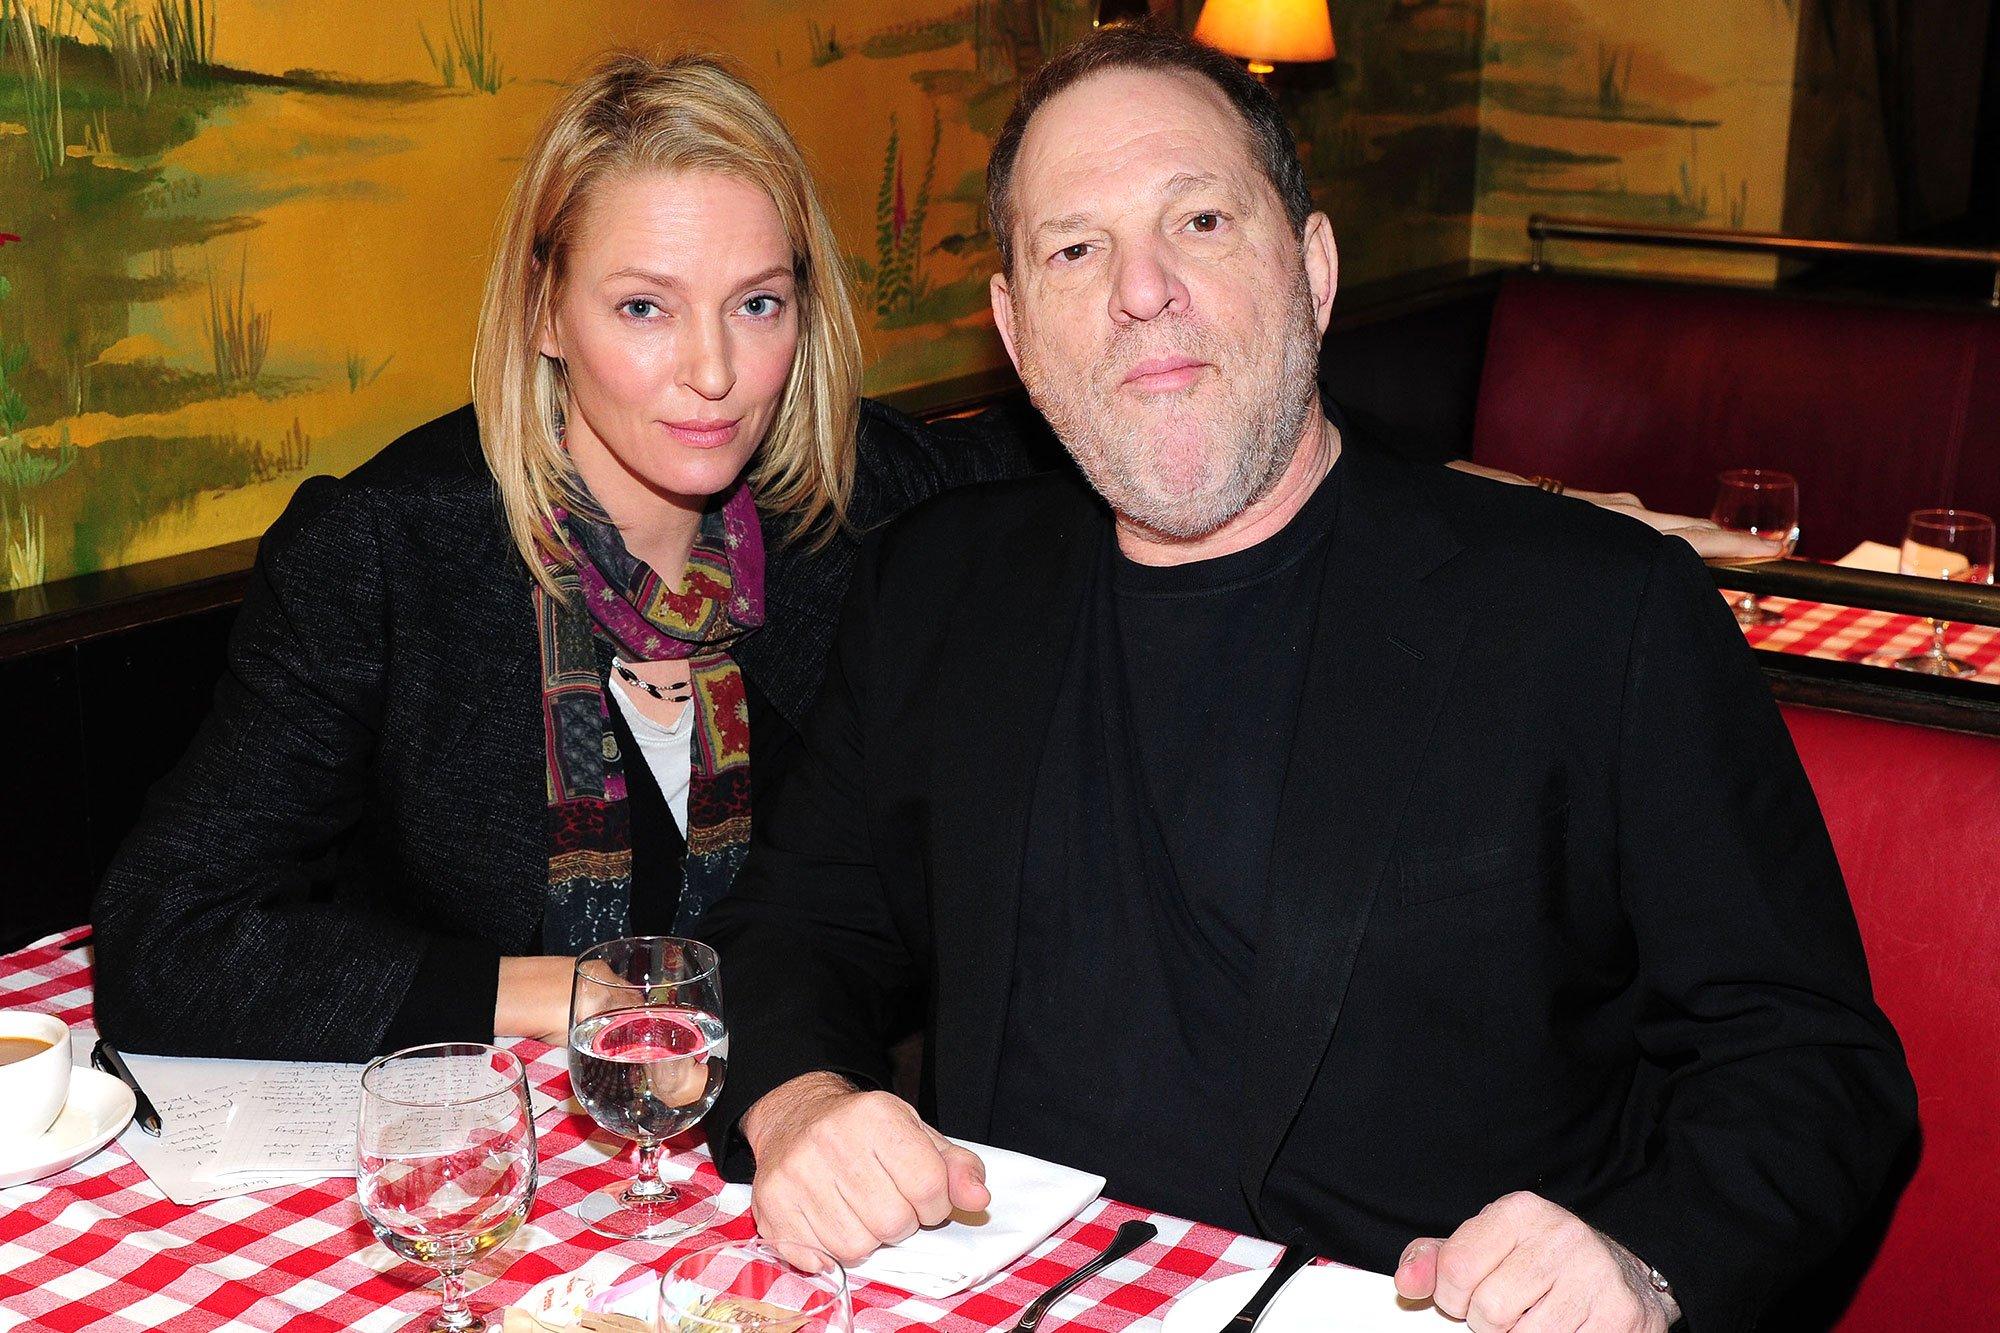 uma thurman b - Uma Thurman declaró cómo fue acosada sexualmente por el productor Harvey Weinstein